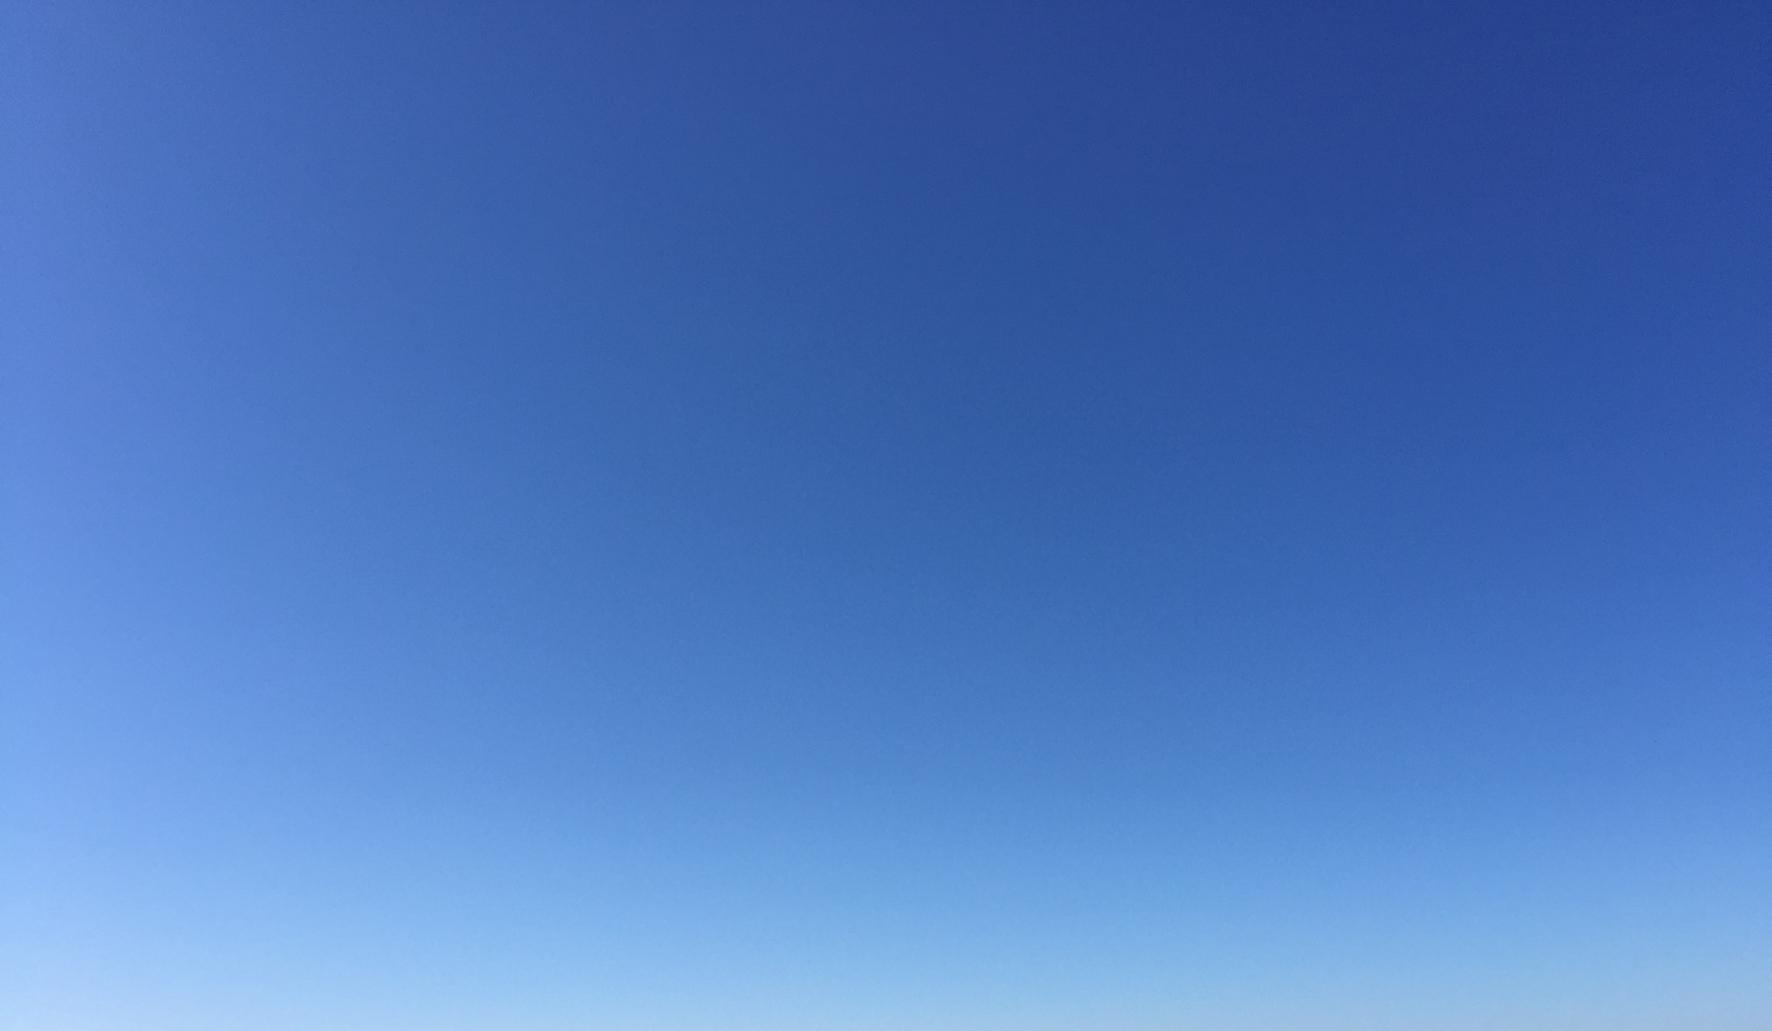 himmelblauerjpg